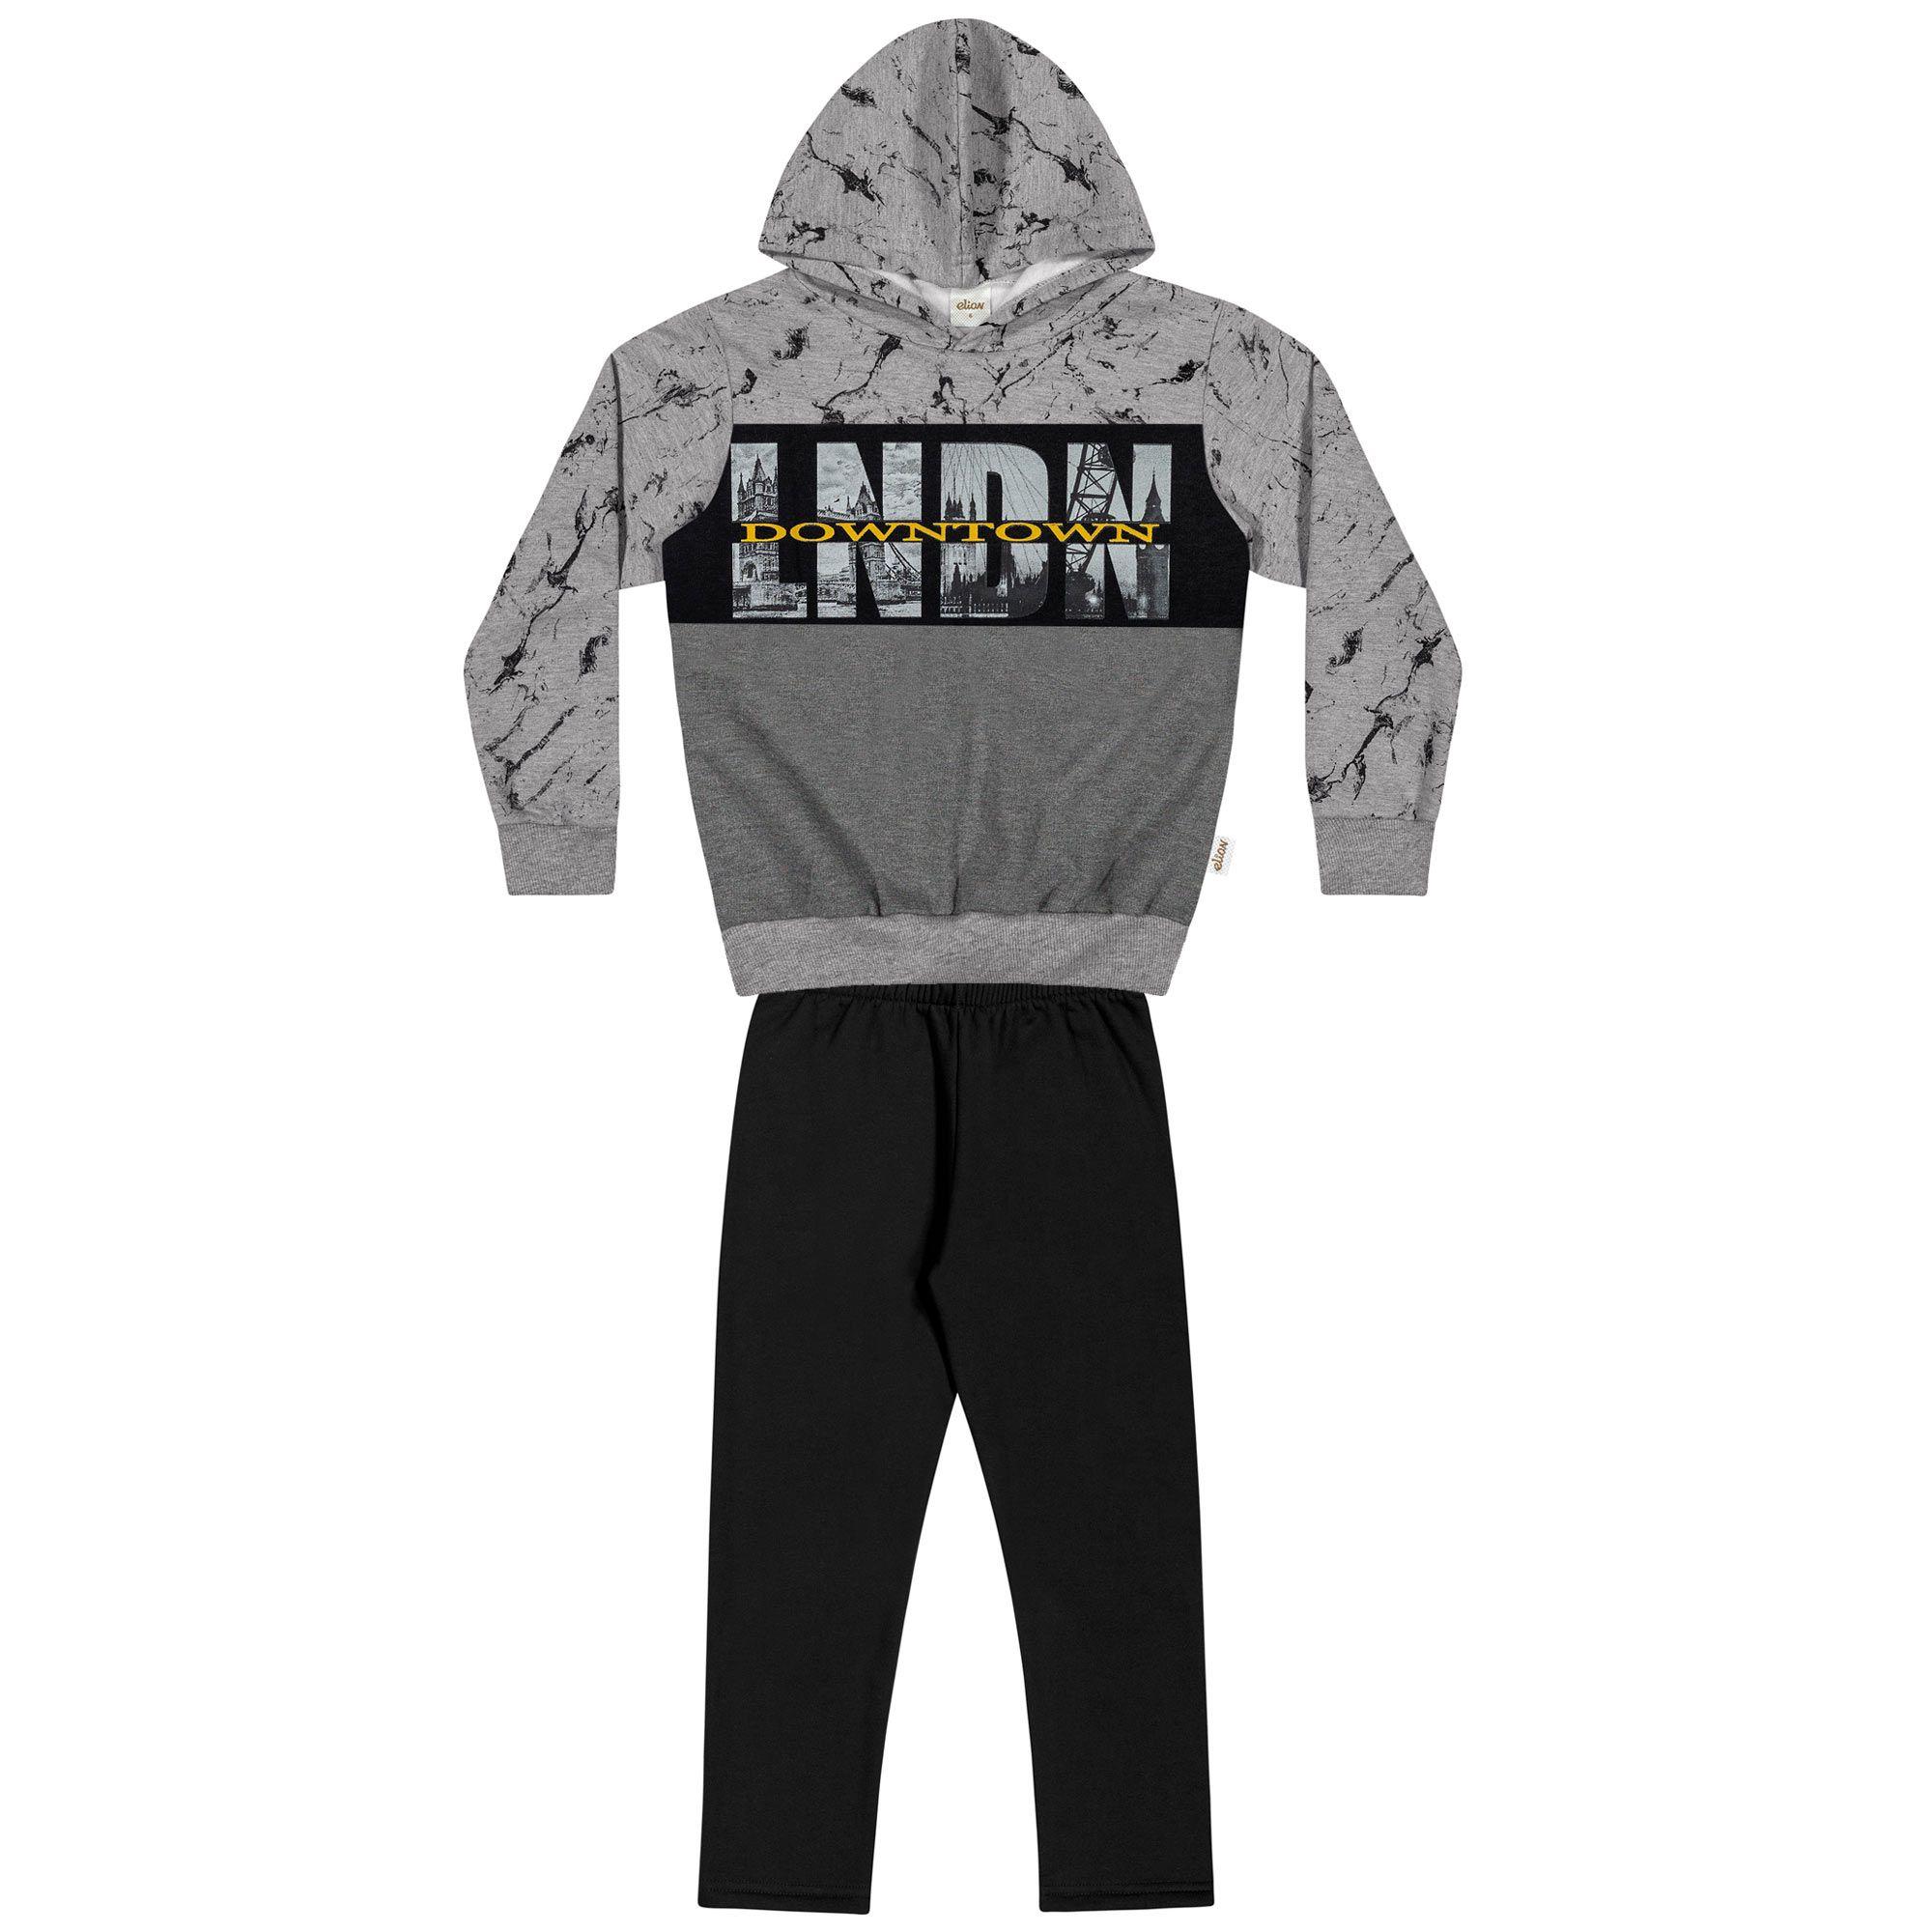 Conjunto Infantil Elian com Blusão e Calça - Ref 24891 - Mescla